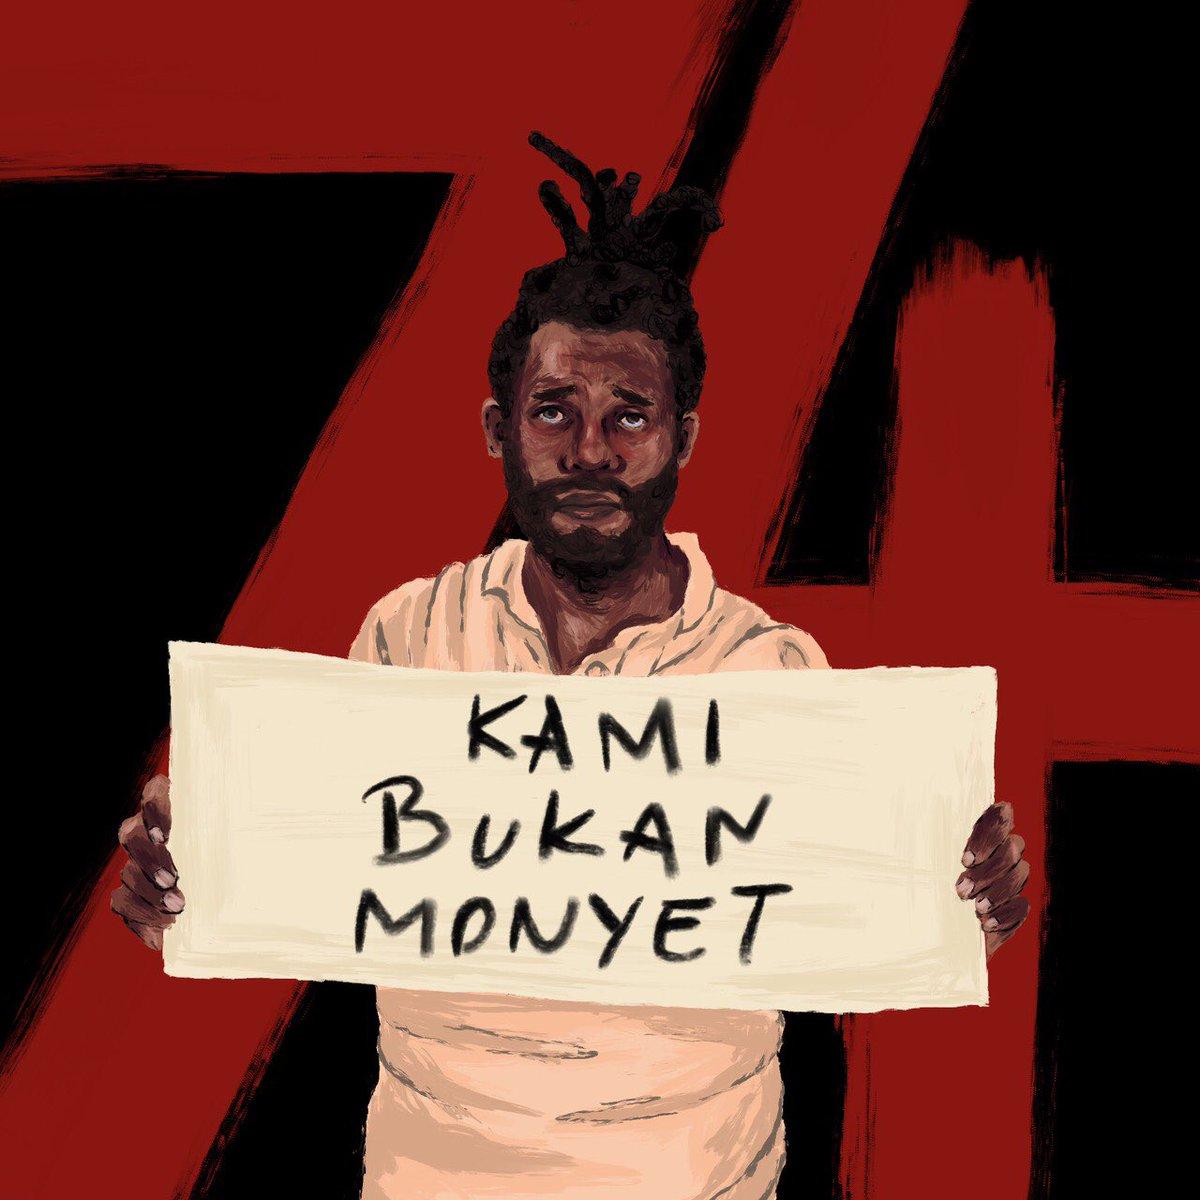 """""""Untuk saudara-saudari Papuaku, kalian berhak untuk merasa aman. Aku menyayangi kalian dan maafkan aku yang tidak bisa berbuat cukup"""".— Ivana Kurniawati"""